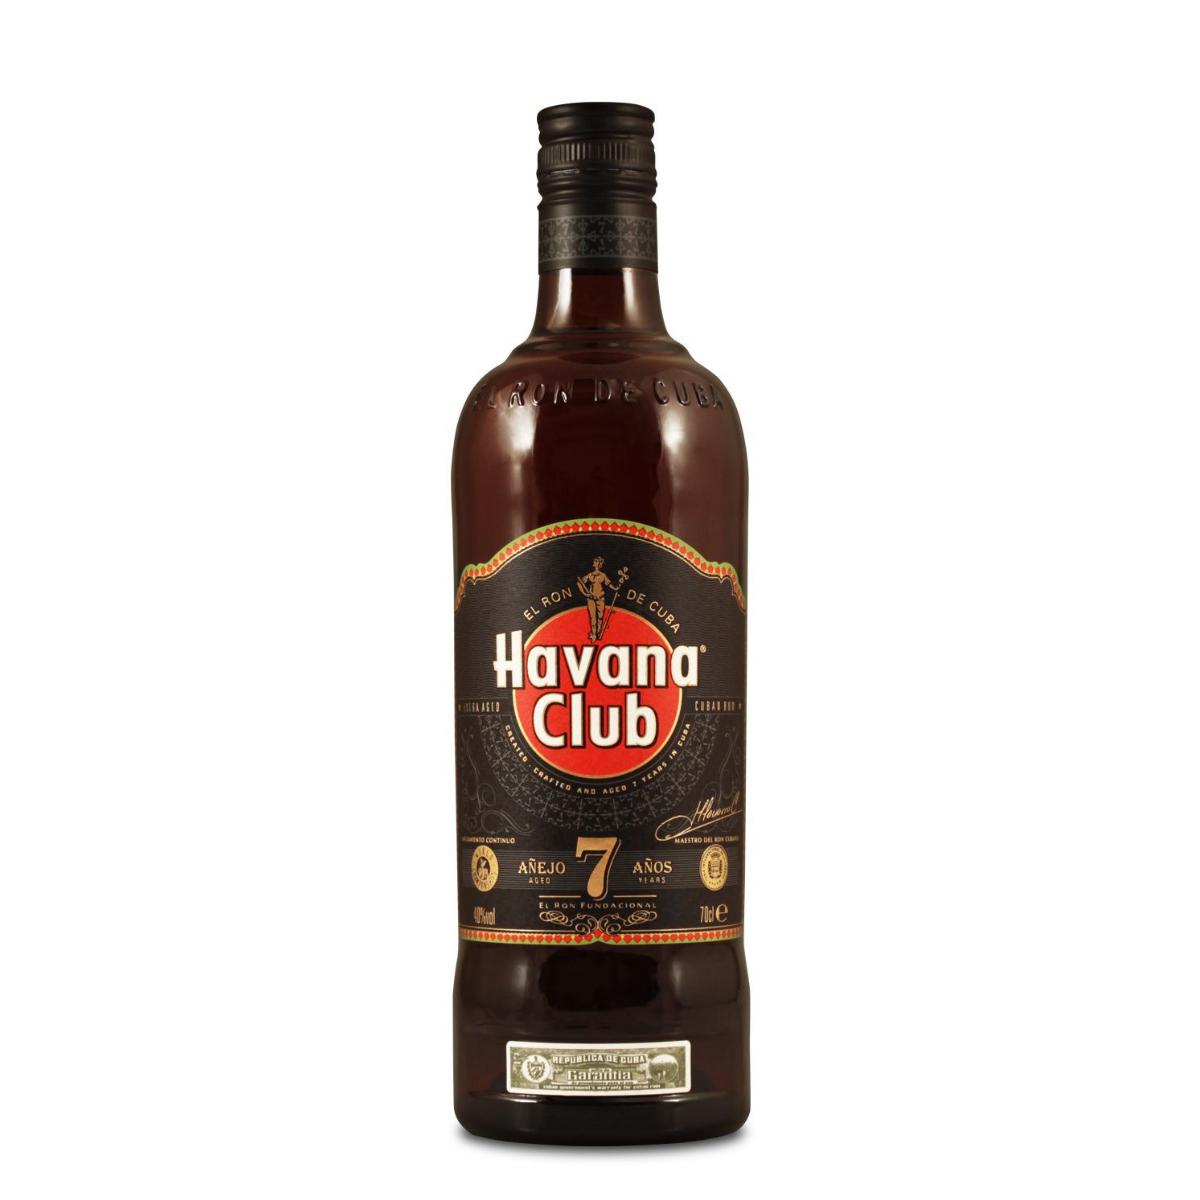 Ром гавана клаб (havana club) — обзор, история появления, интересные факты о напитке